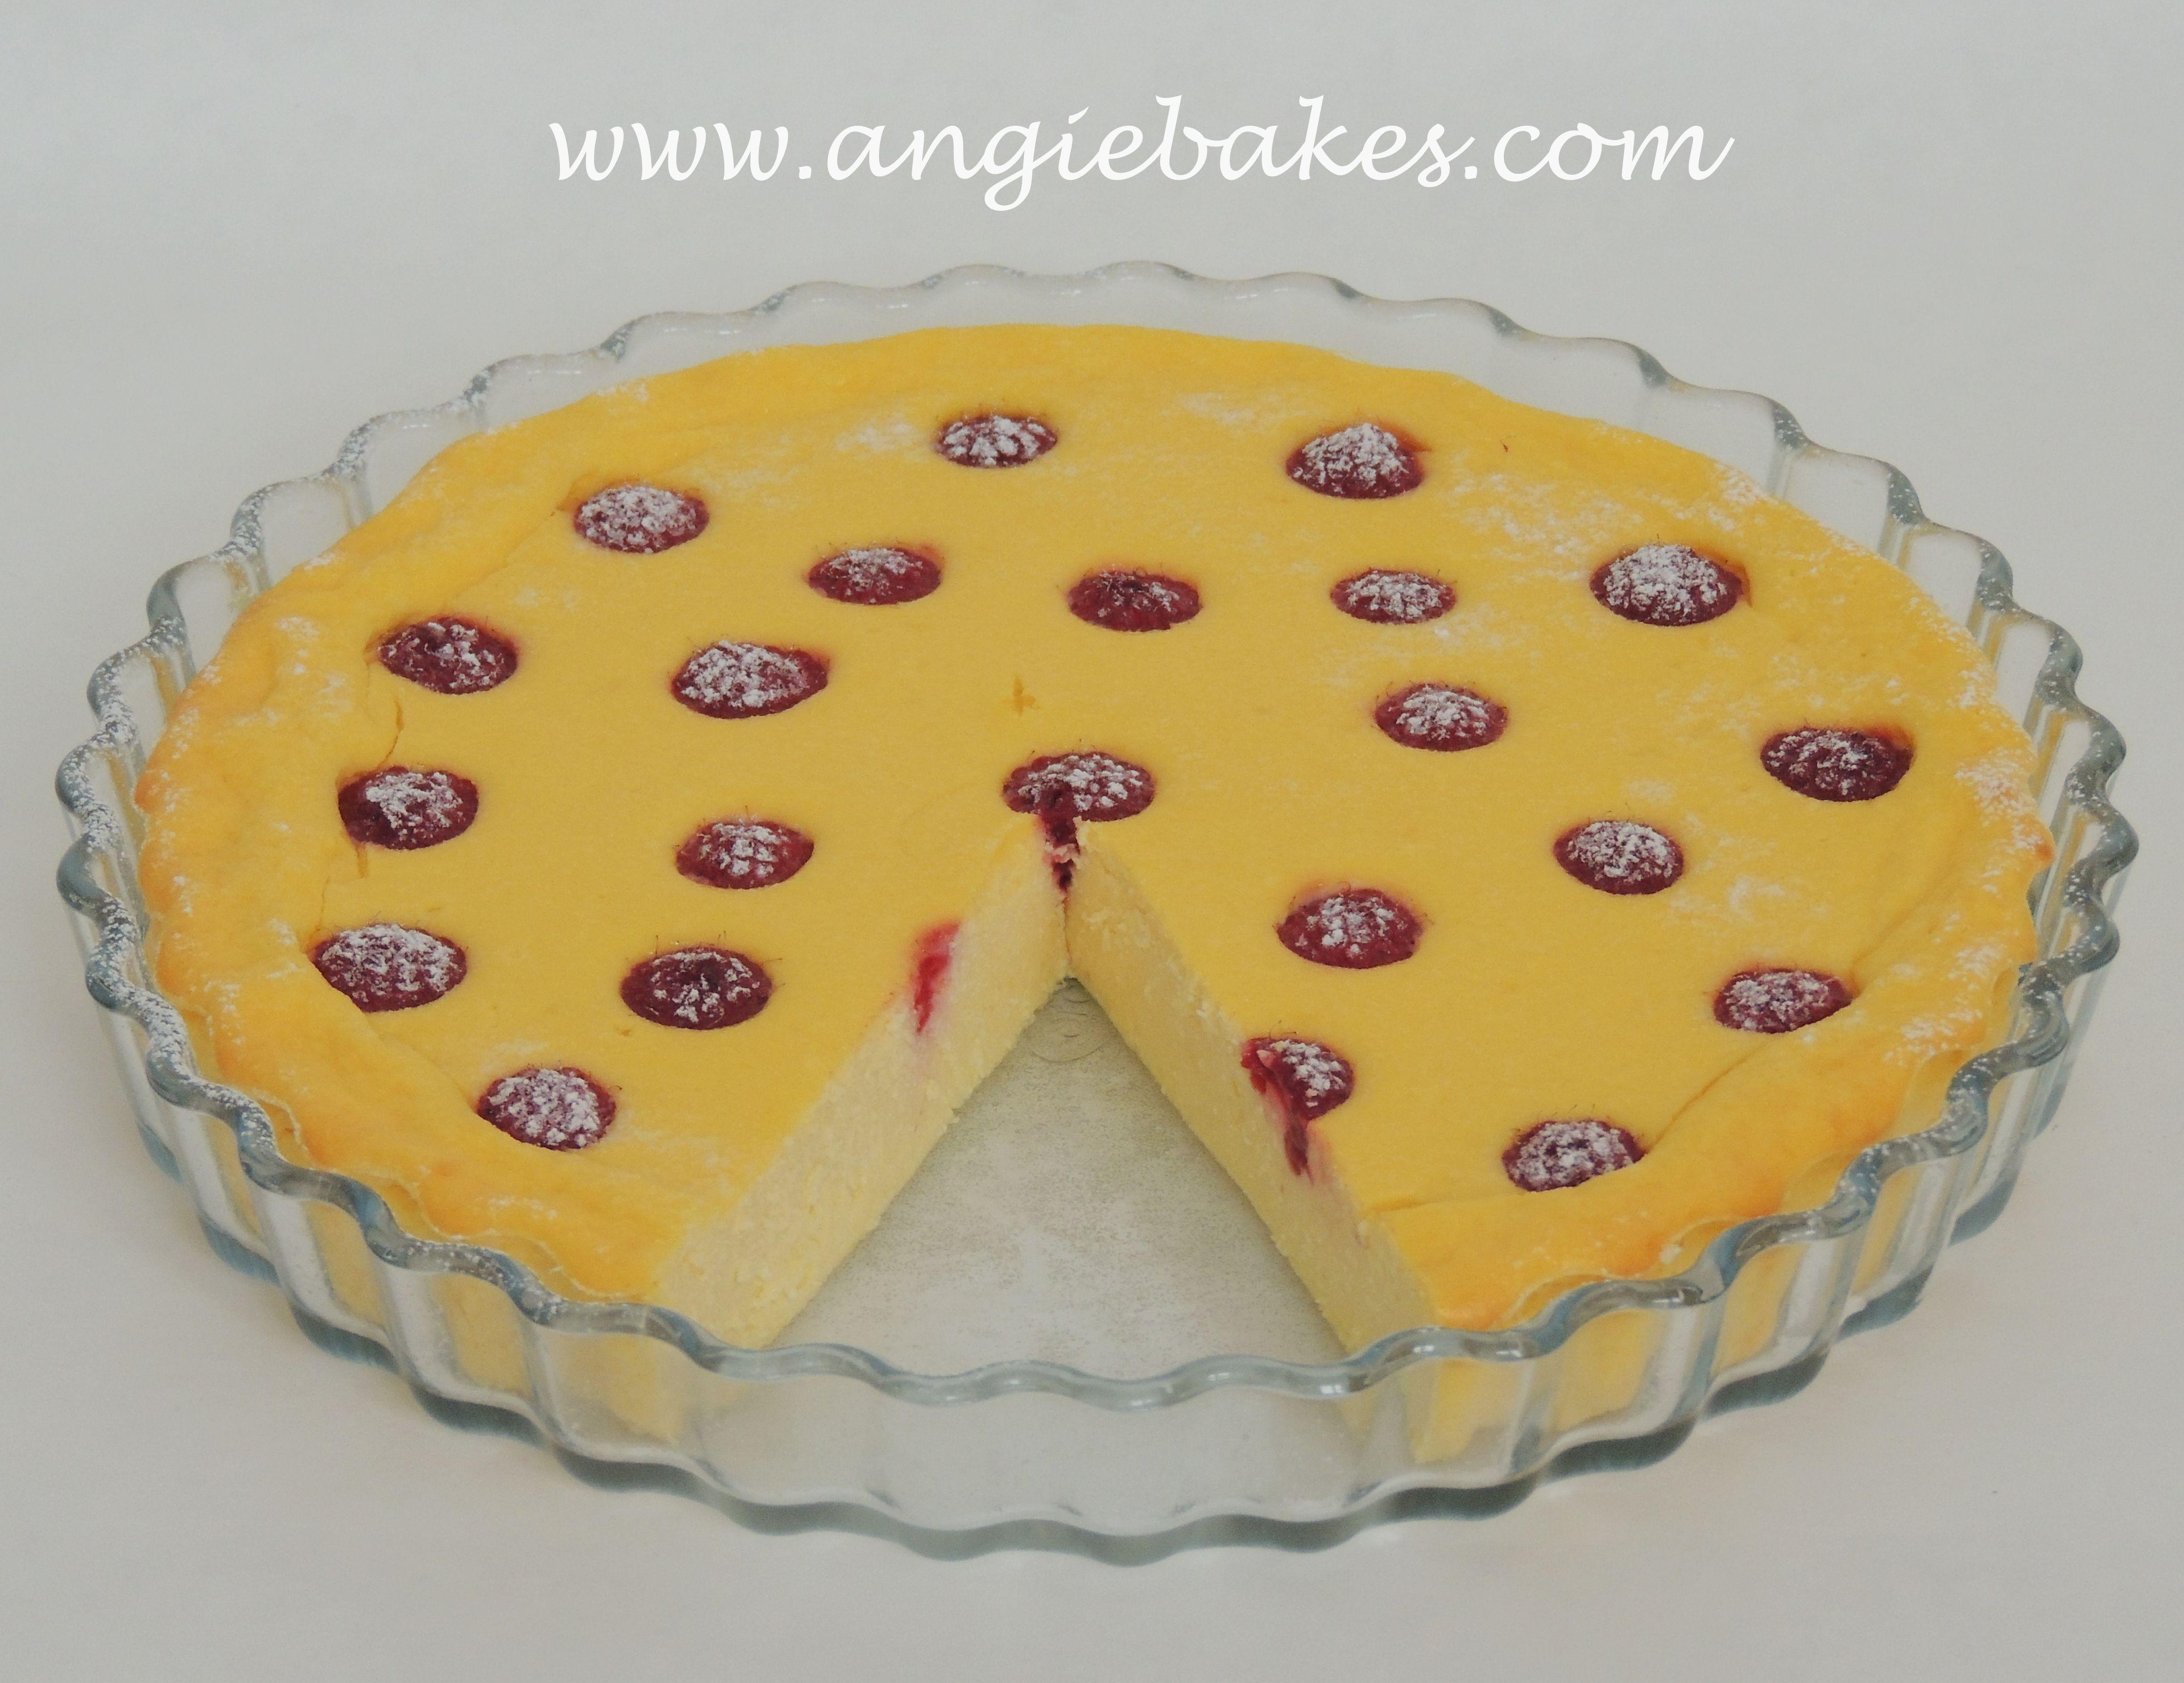 Po všetkých tých sladkých bombách bolo na čase pripraviť niečo menej kalorické. Keďže som potrebovala minúť tvaroh, tak som si vymyslela tento extrémne jednoduchý koláčik s malinami. Je v ňom minim...